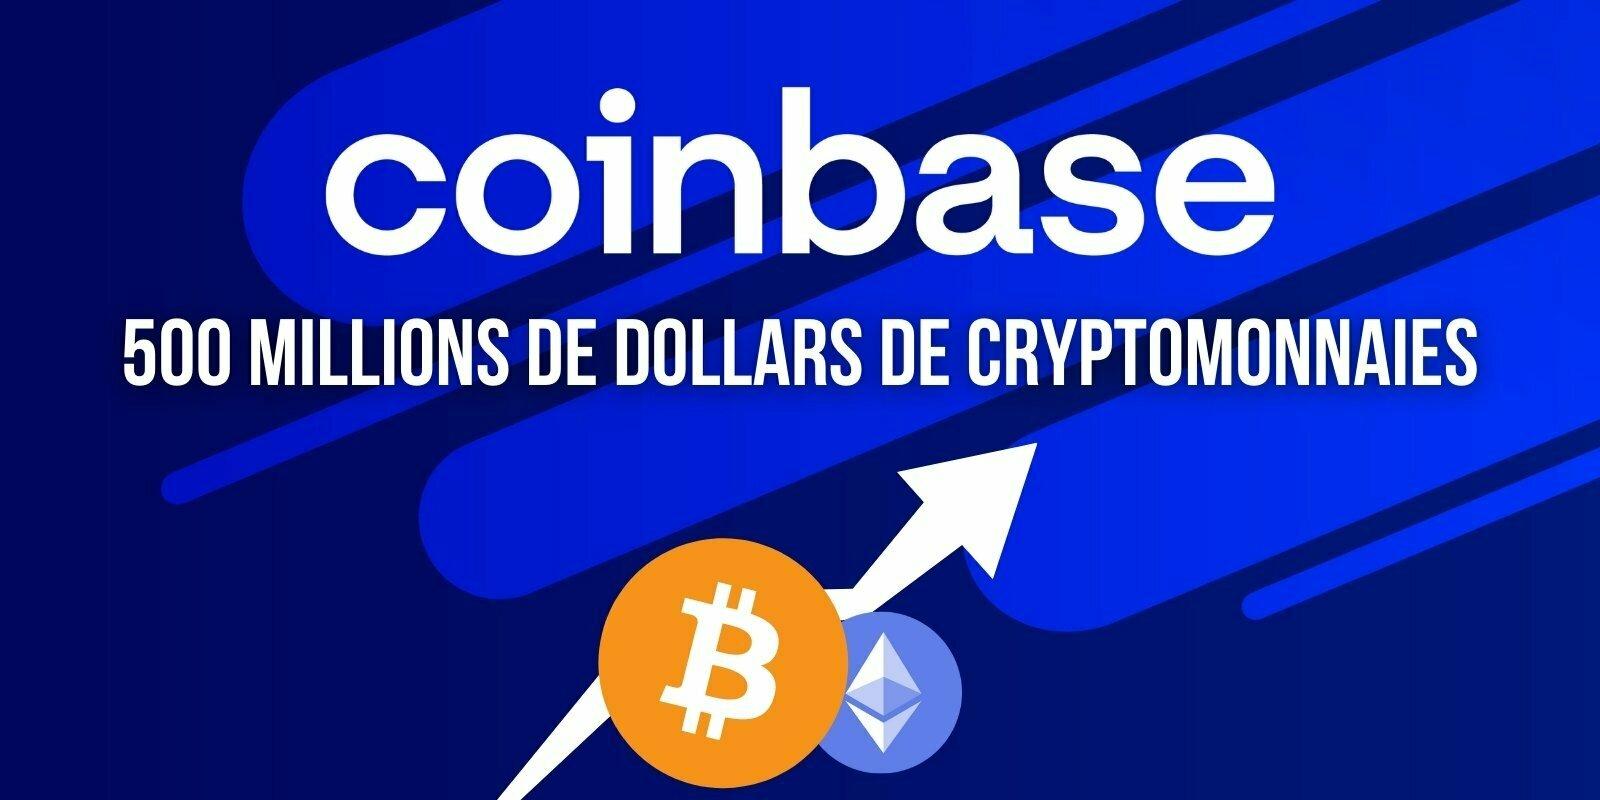 Coinbase prévoit d'investir 500 millions de dollars supplémentaires dans les cryptomonnaies